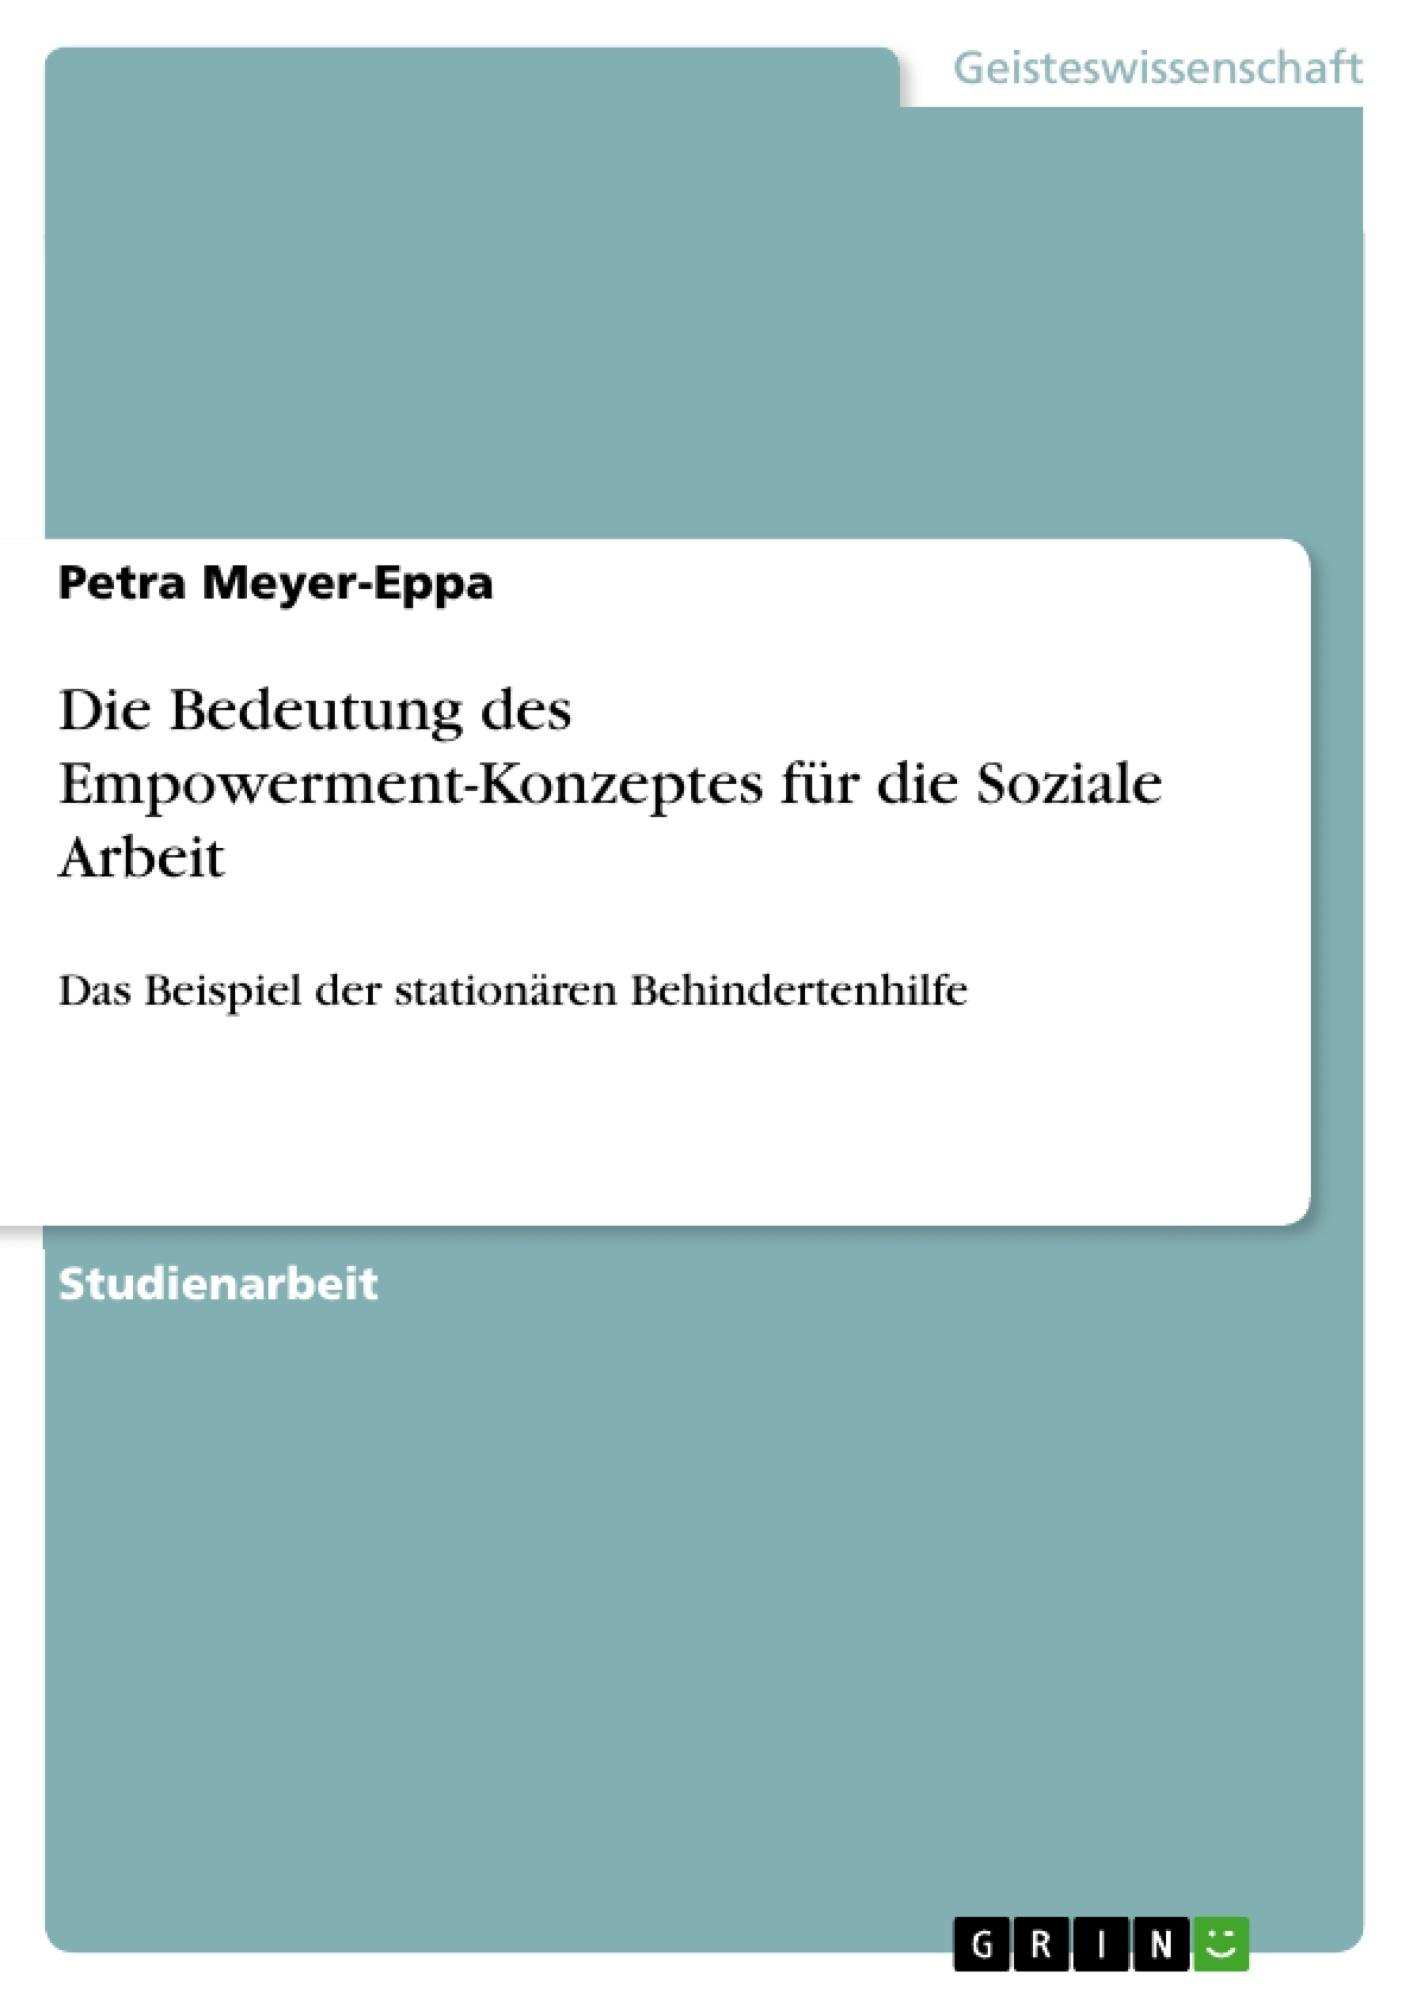 Titel: Die Bedeutung des Empowerment-Konzeptes für die Soziale Arbeit